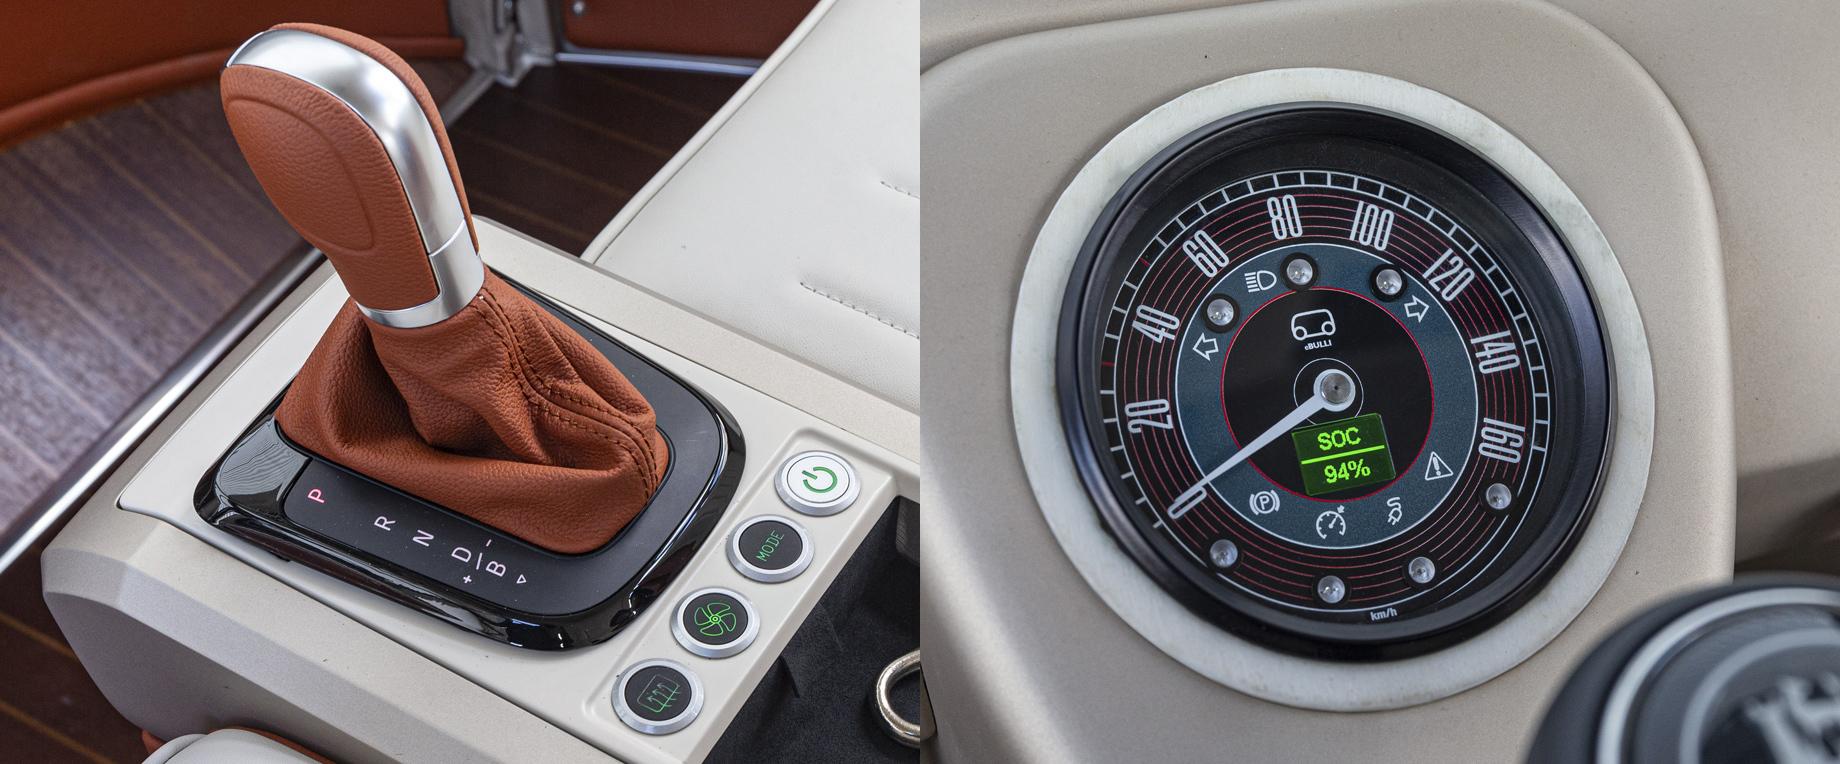 Вэн Volkswagen e-Bulli скрестил классику ссовременной техникой